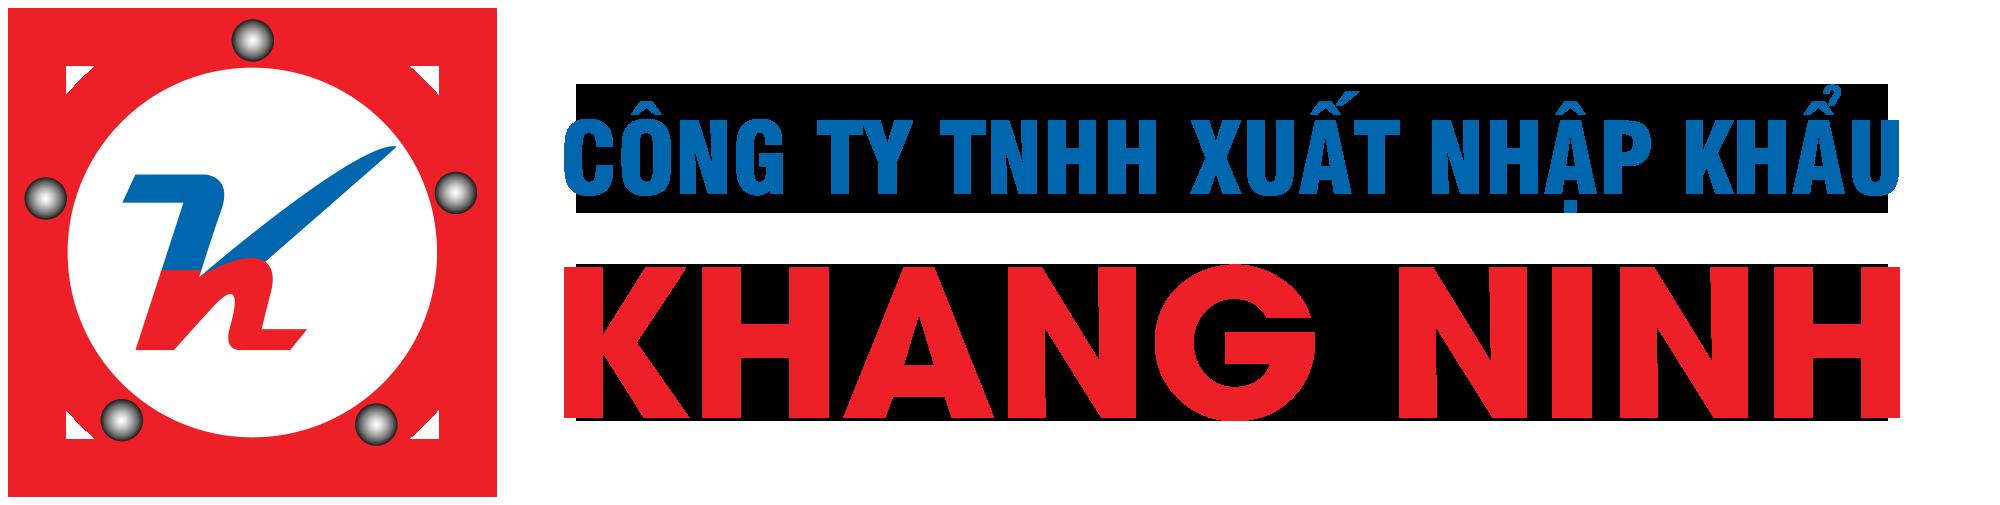 Công Ty TNHH XNK Khang Ninh